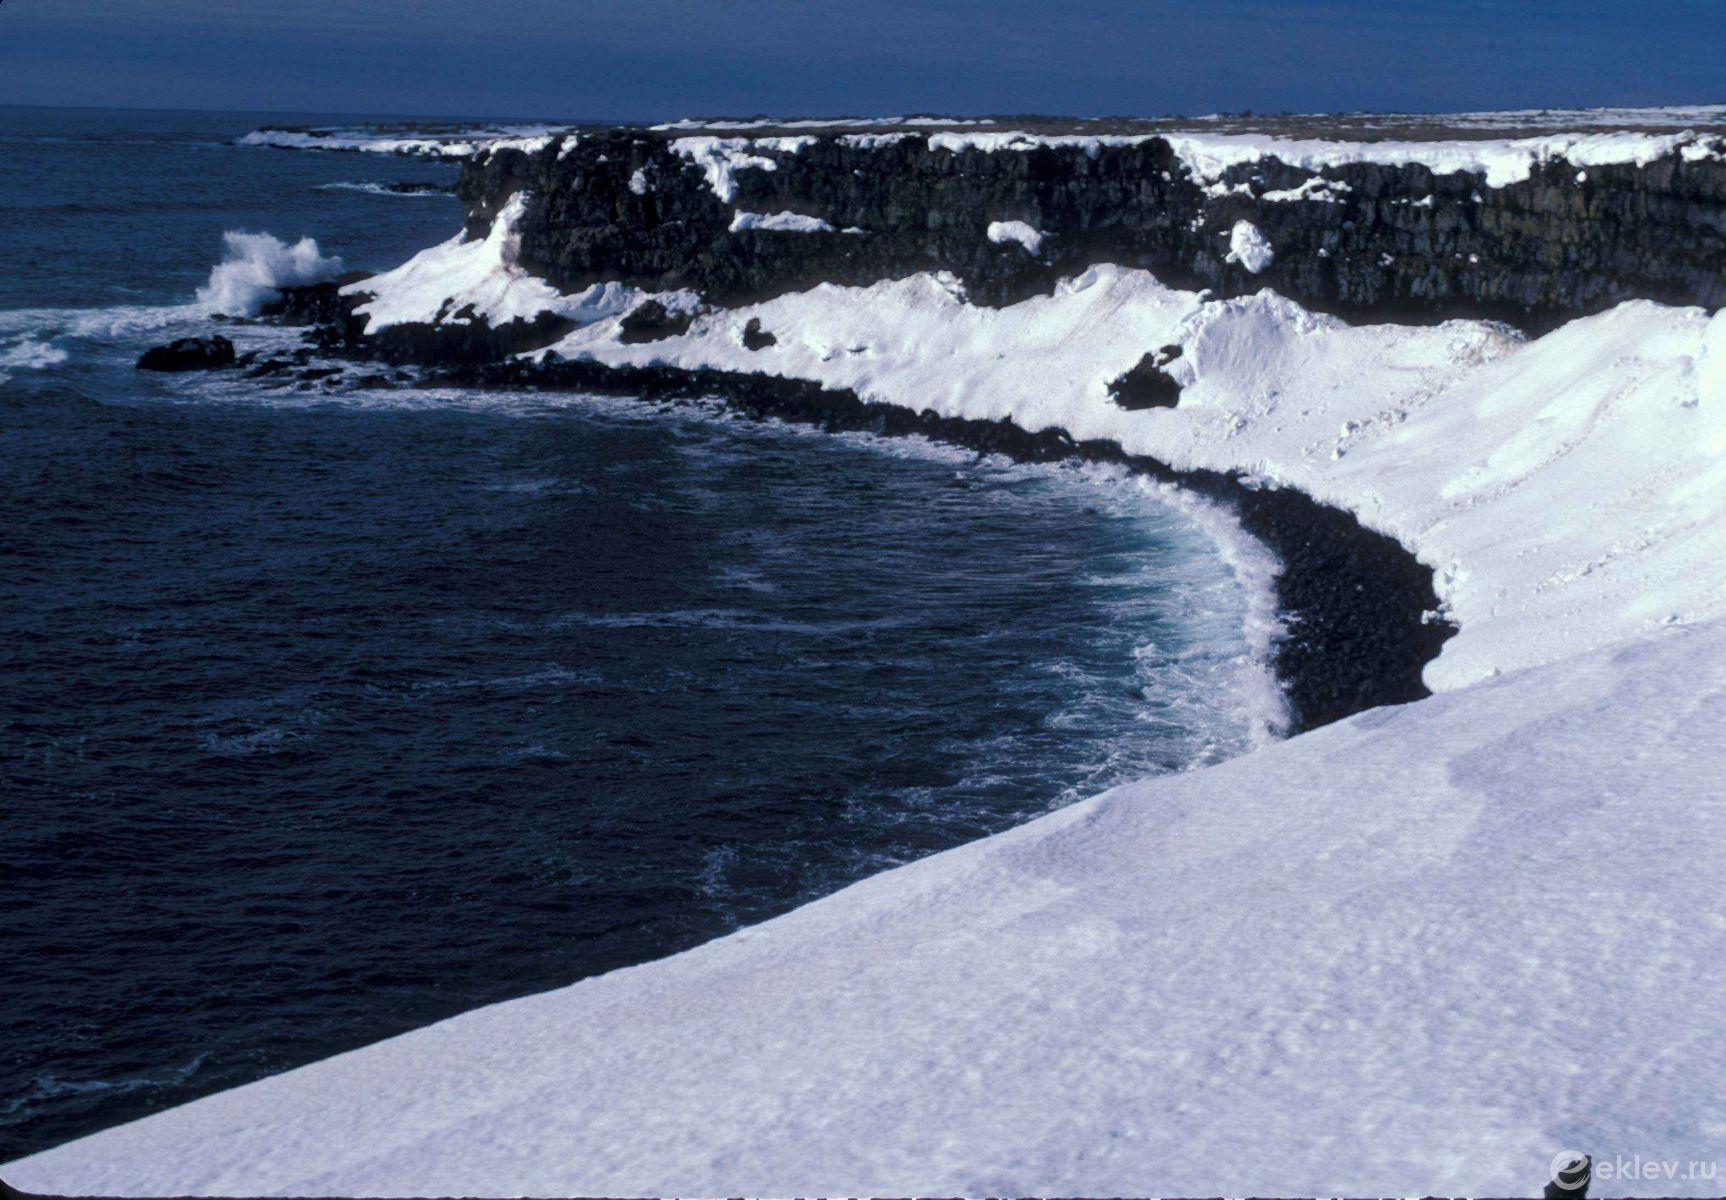 характеристики берингово море фотографии плащ поясе подчёркивает